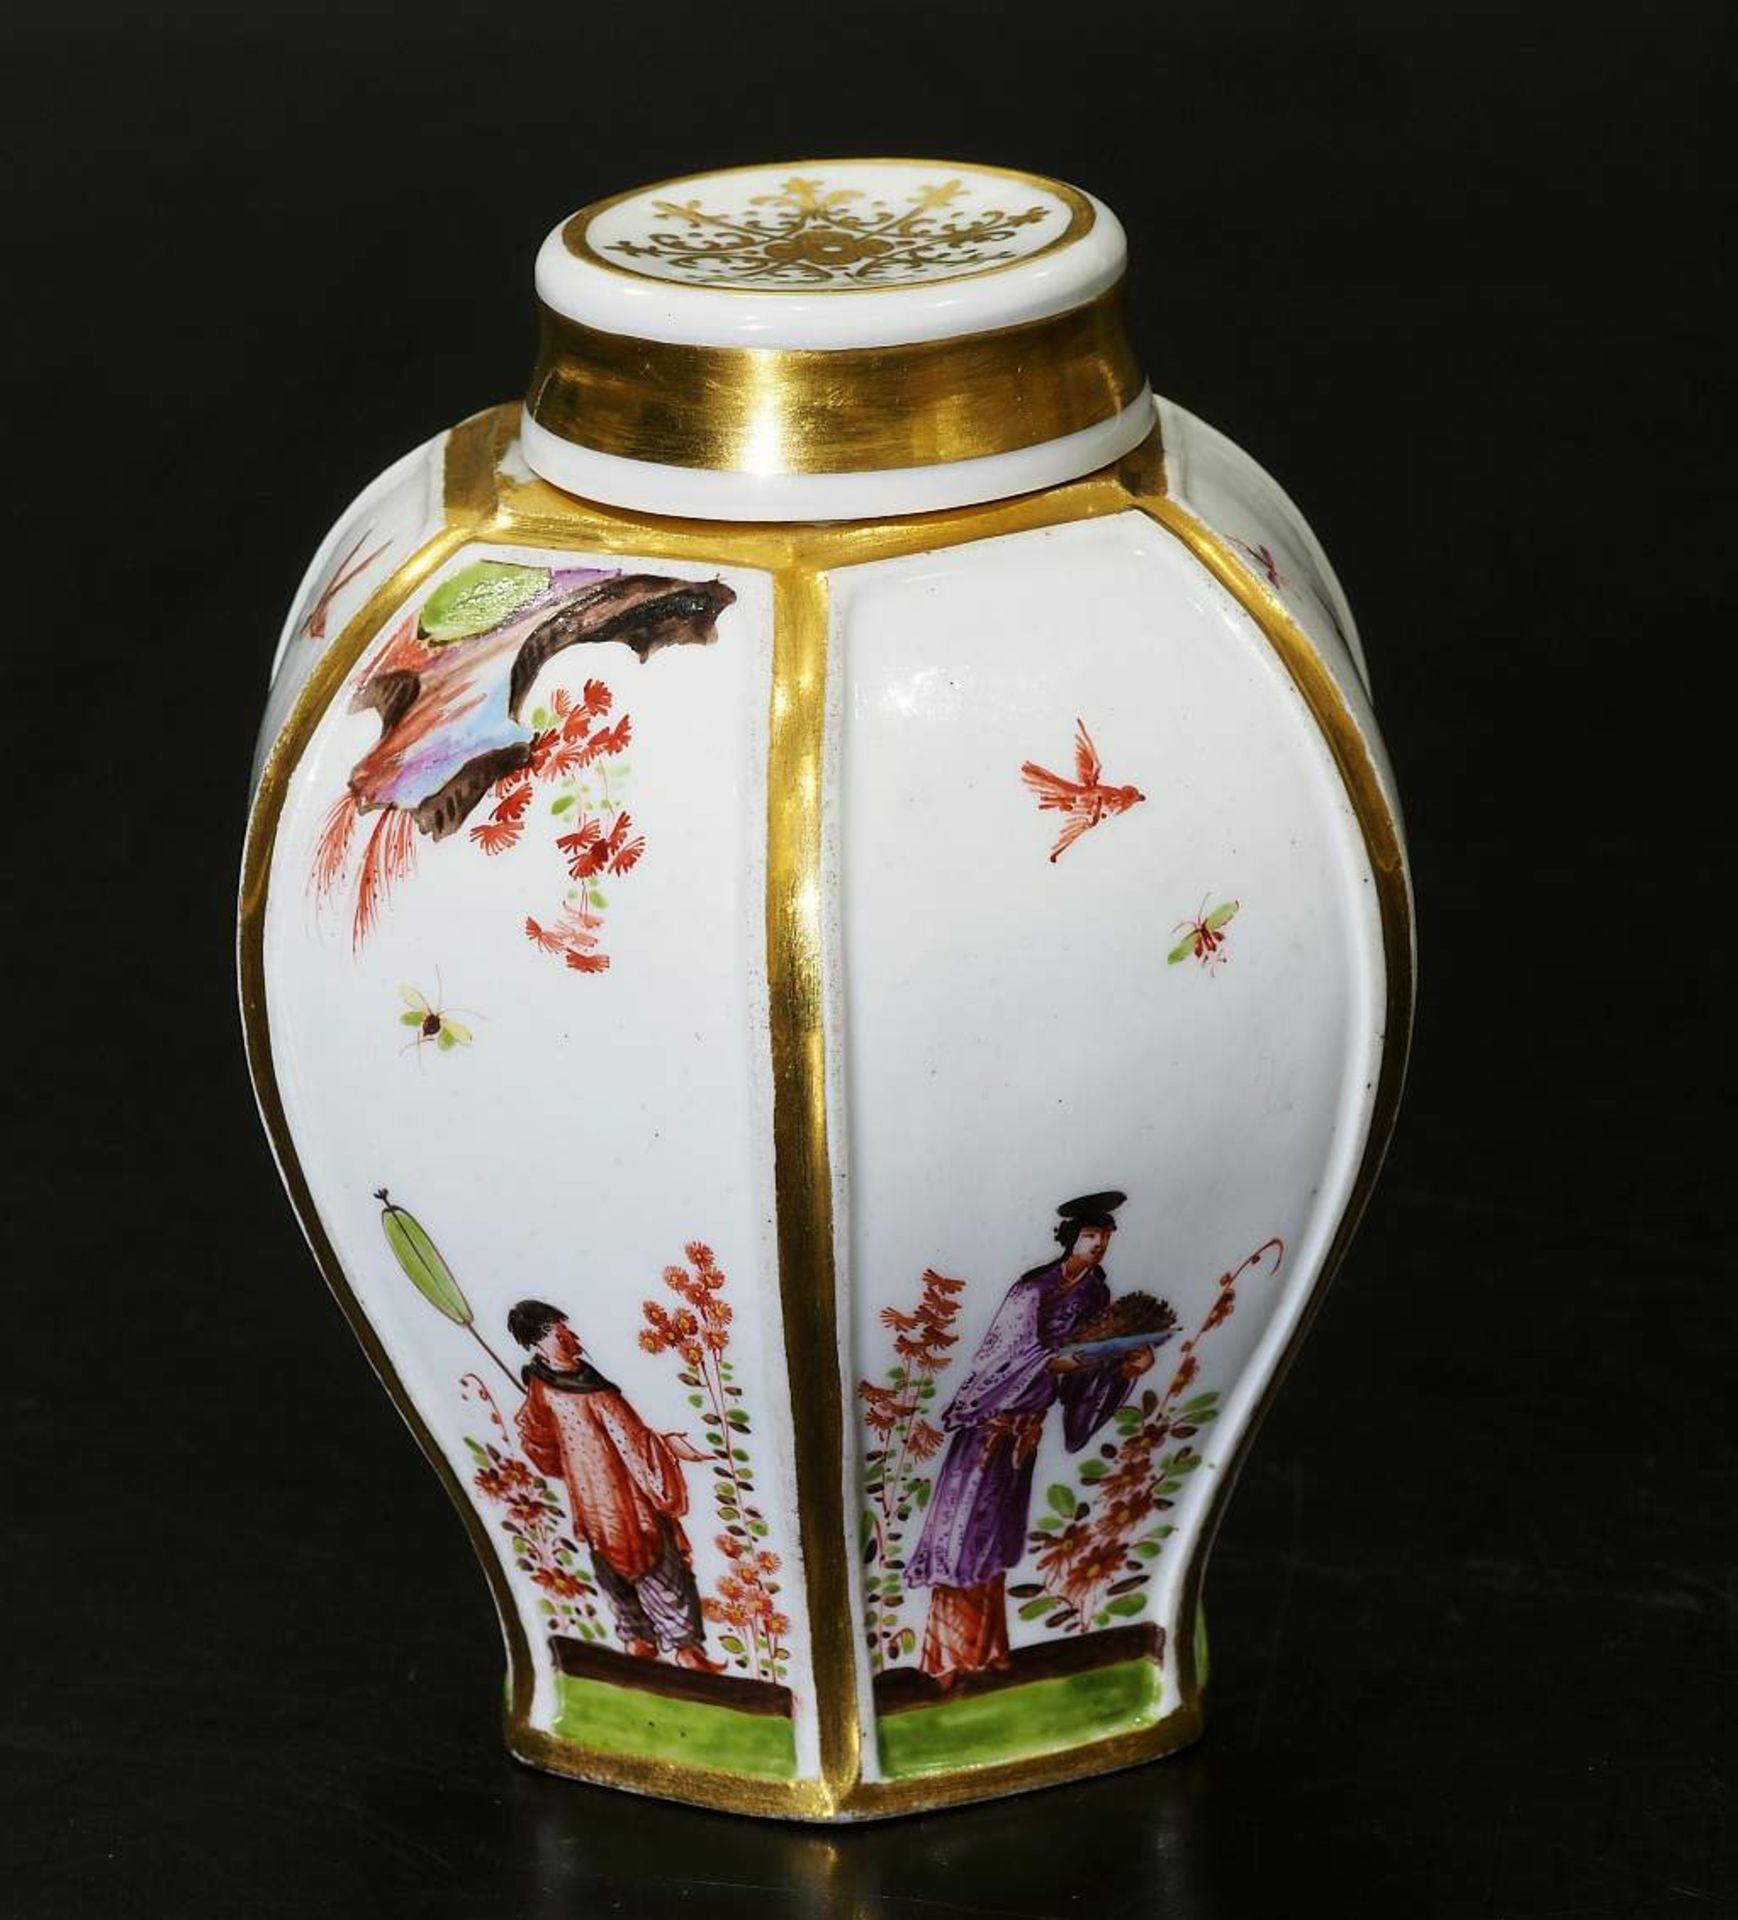 Teedose um 1725. MEISSEN. Teedose um 1725. MEISSEN. Balusterförmige Teedose in hexagonaler Form - Bild 4 aus 8